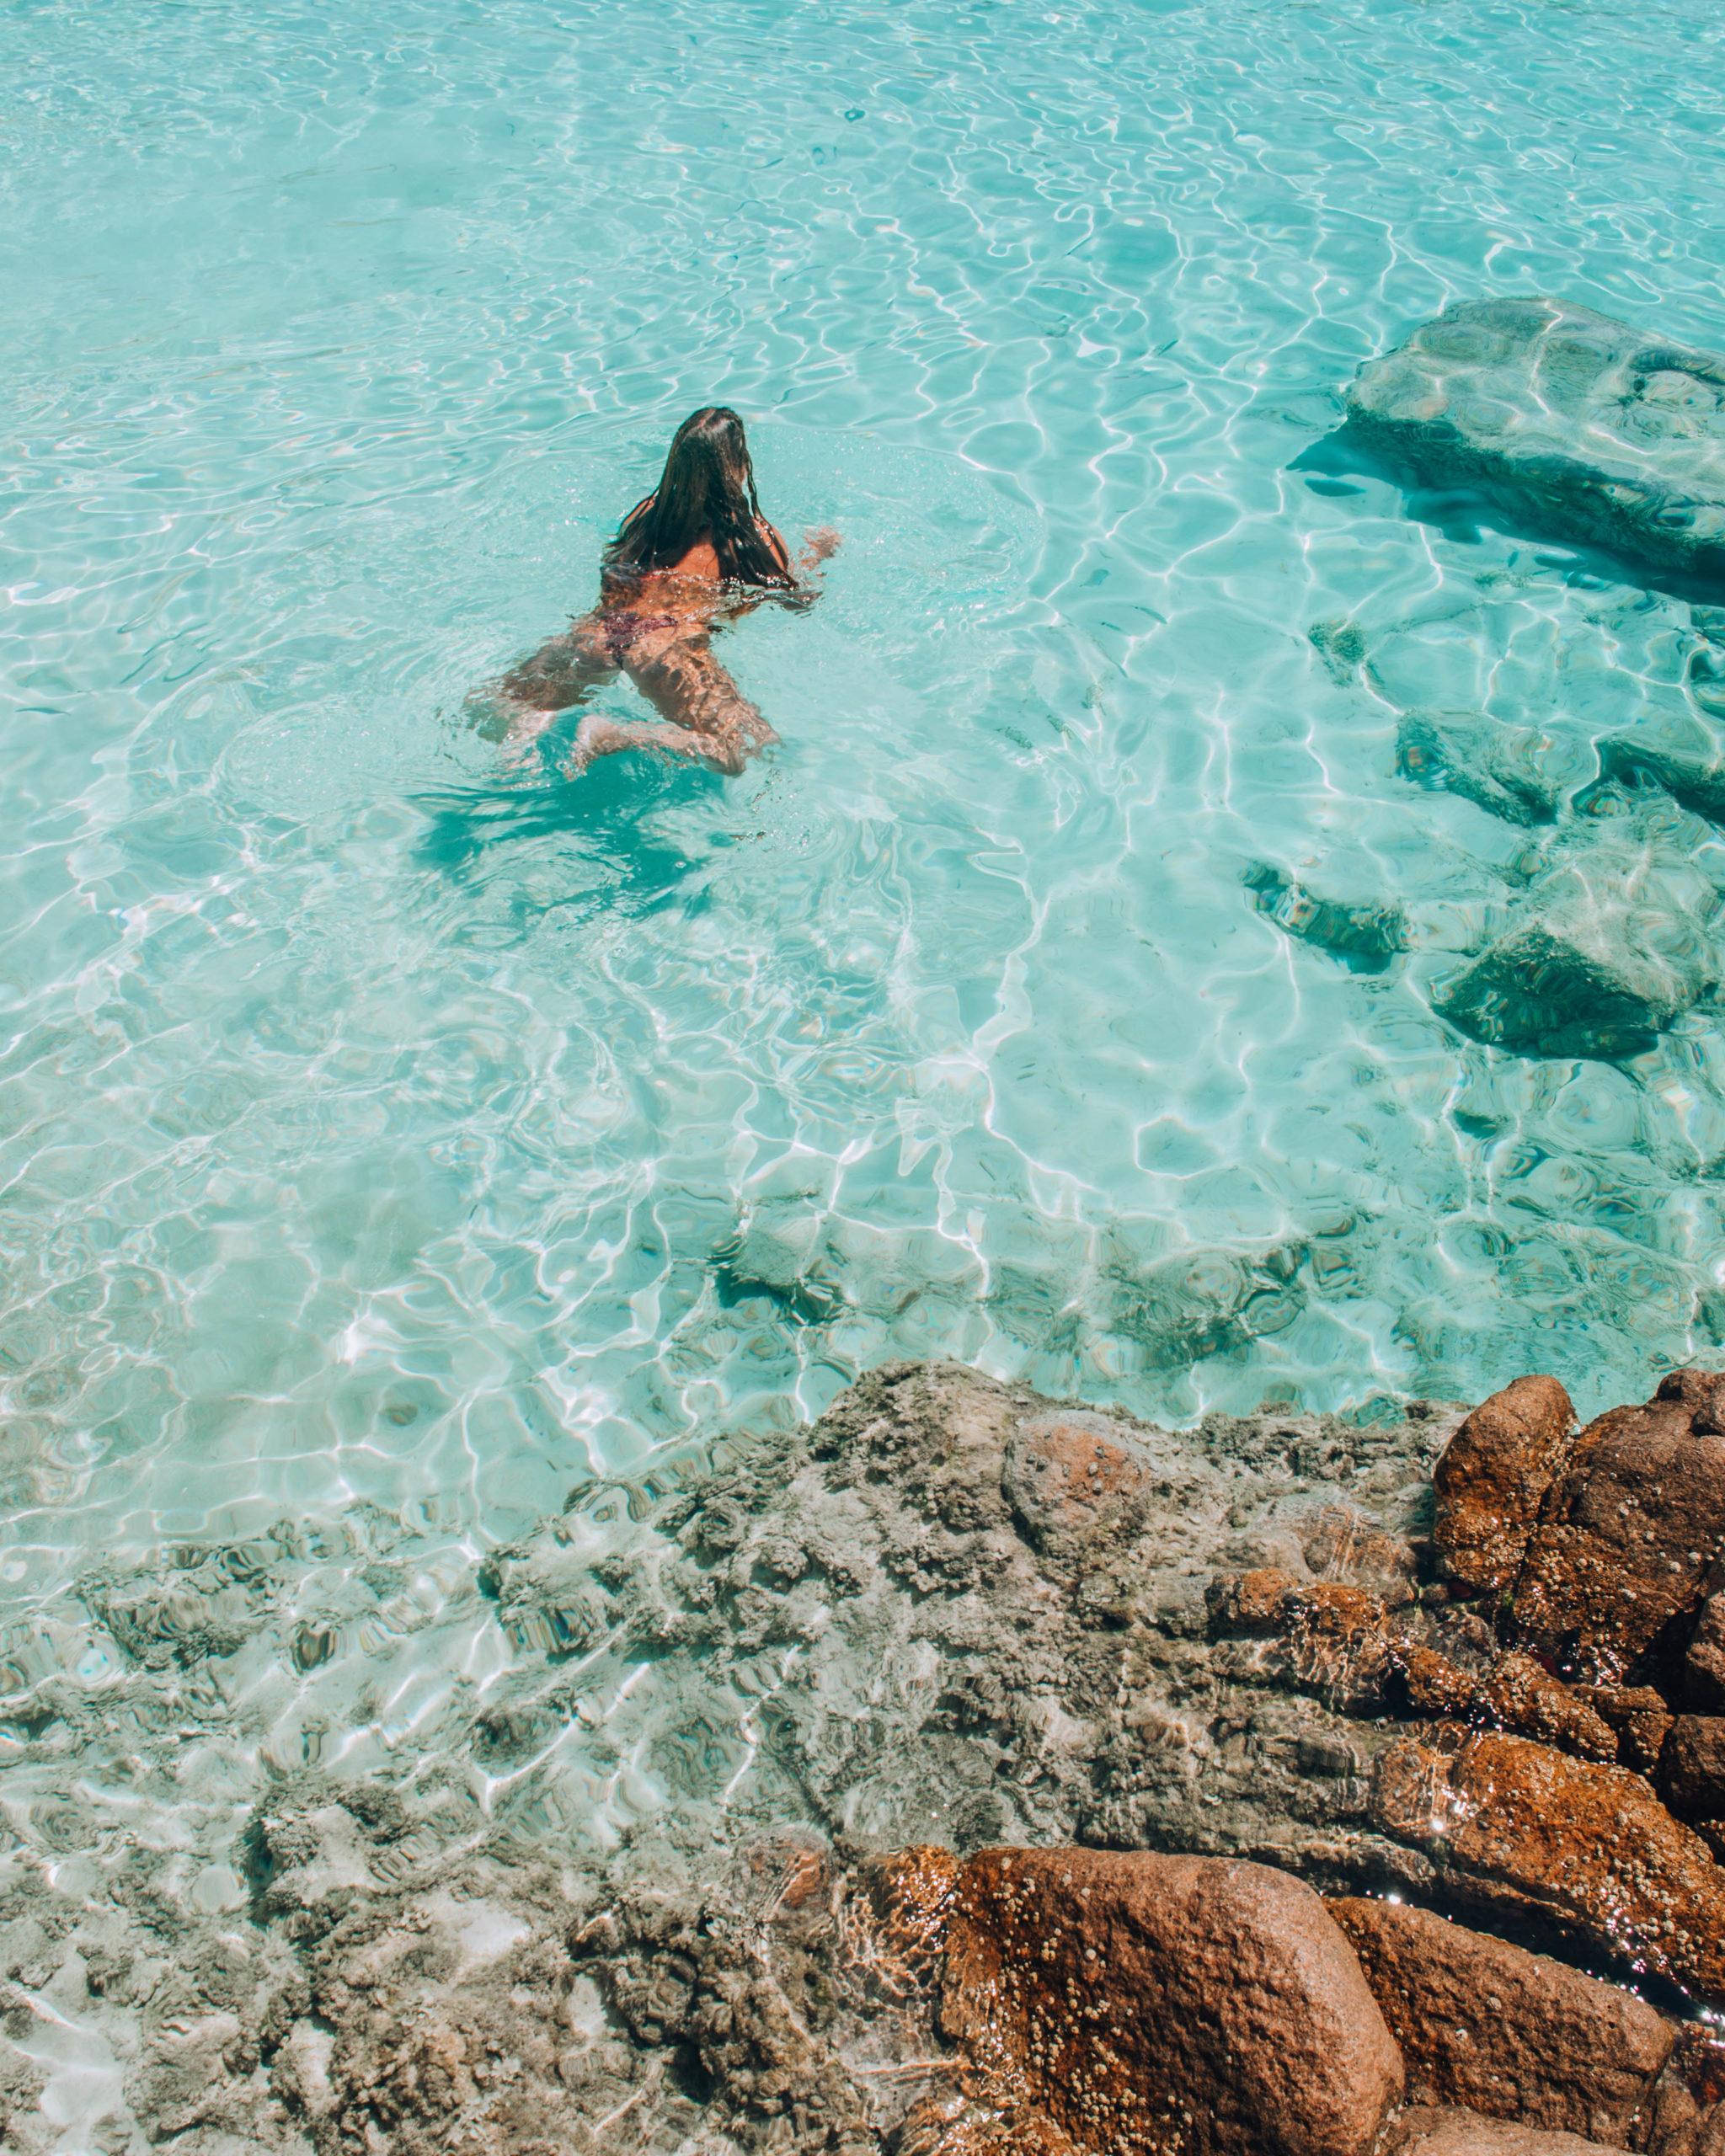 ragazza che nuota in acqua trasparente